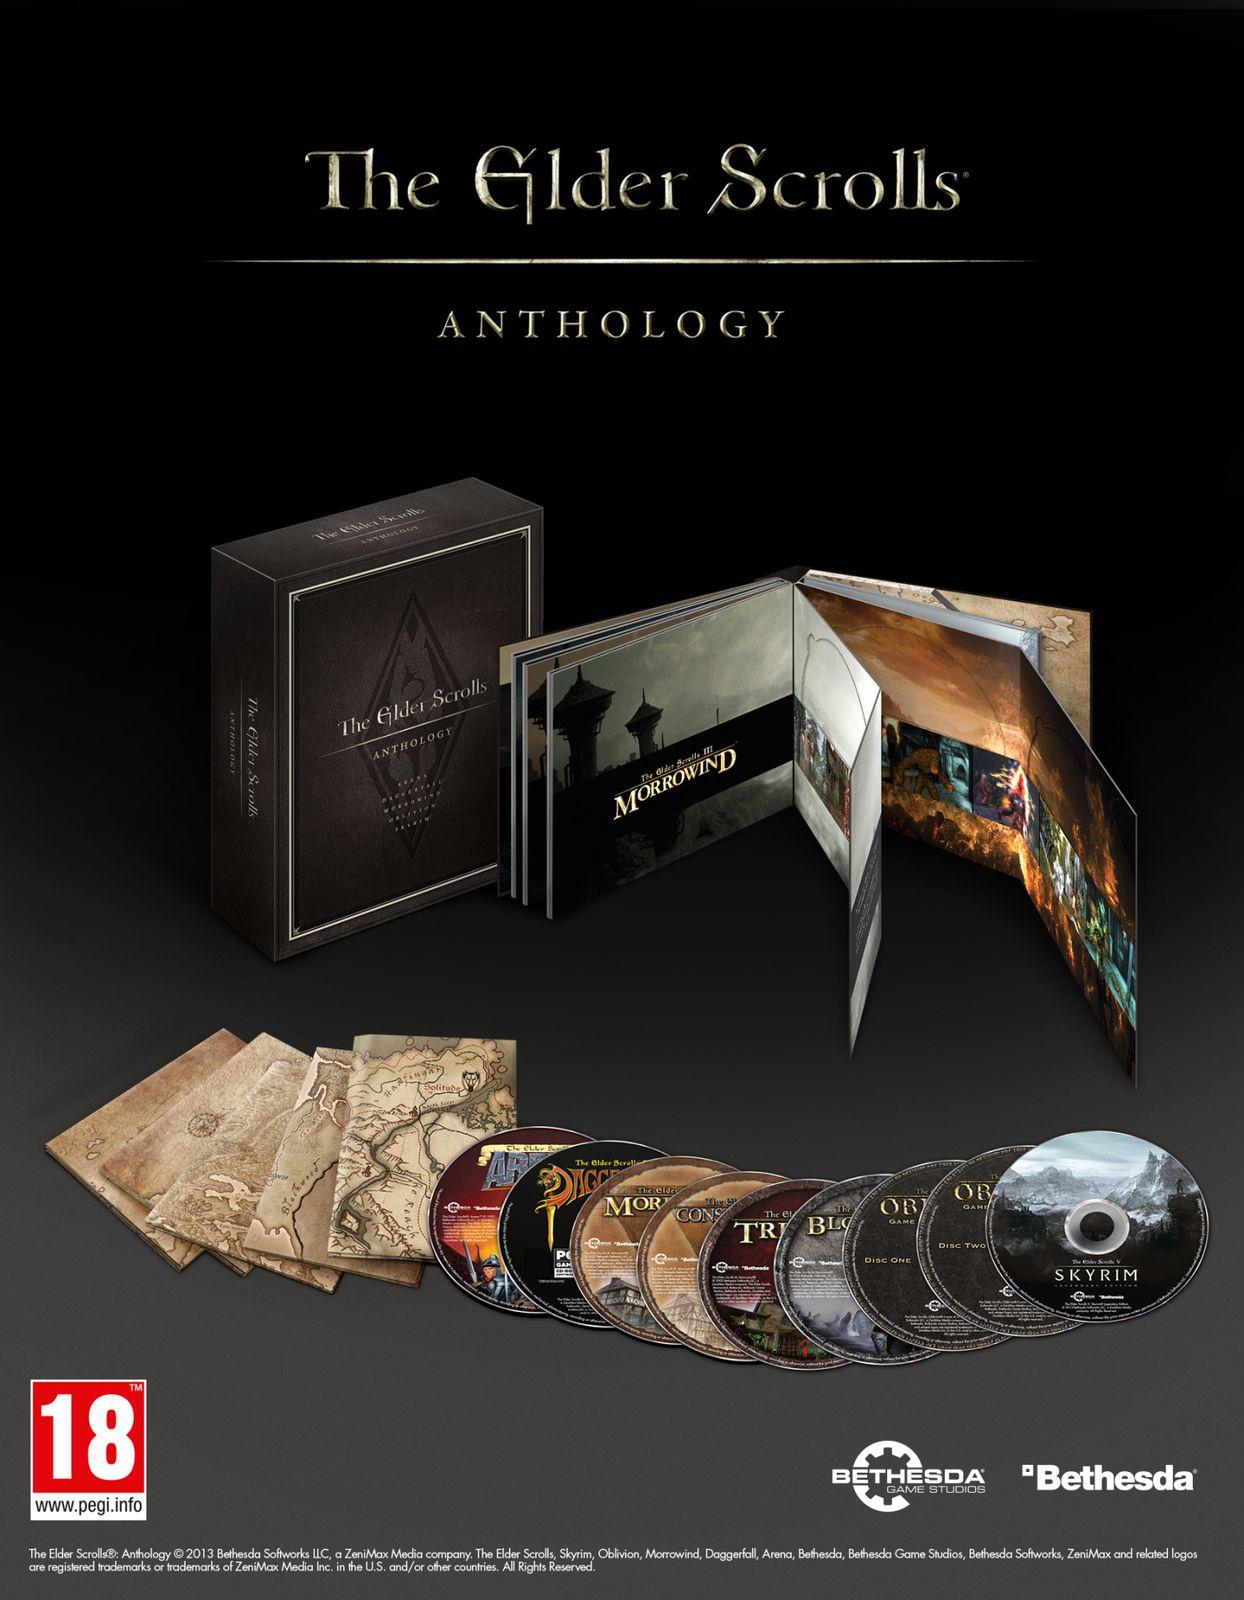 Bethesda annonce la sortie de The Elder Scrolls Anthology sur PC